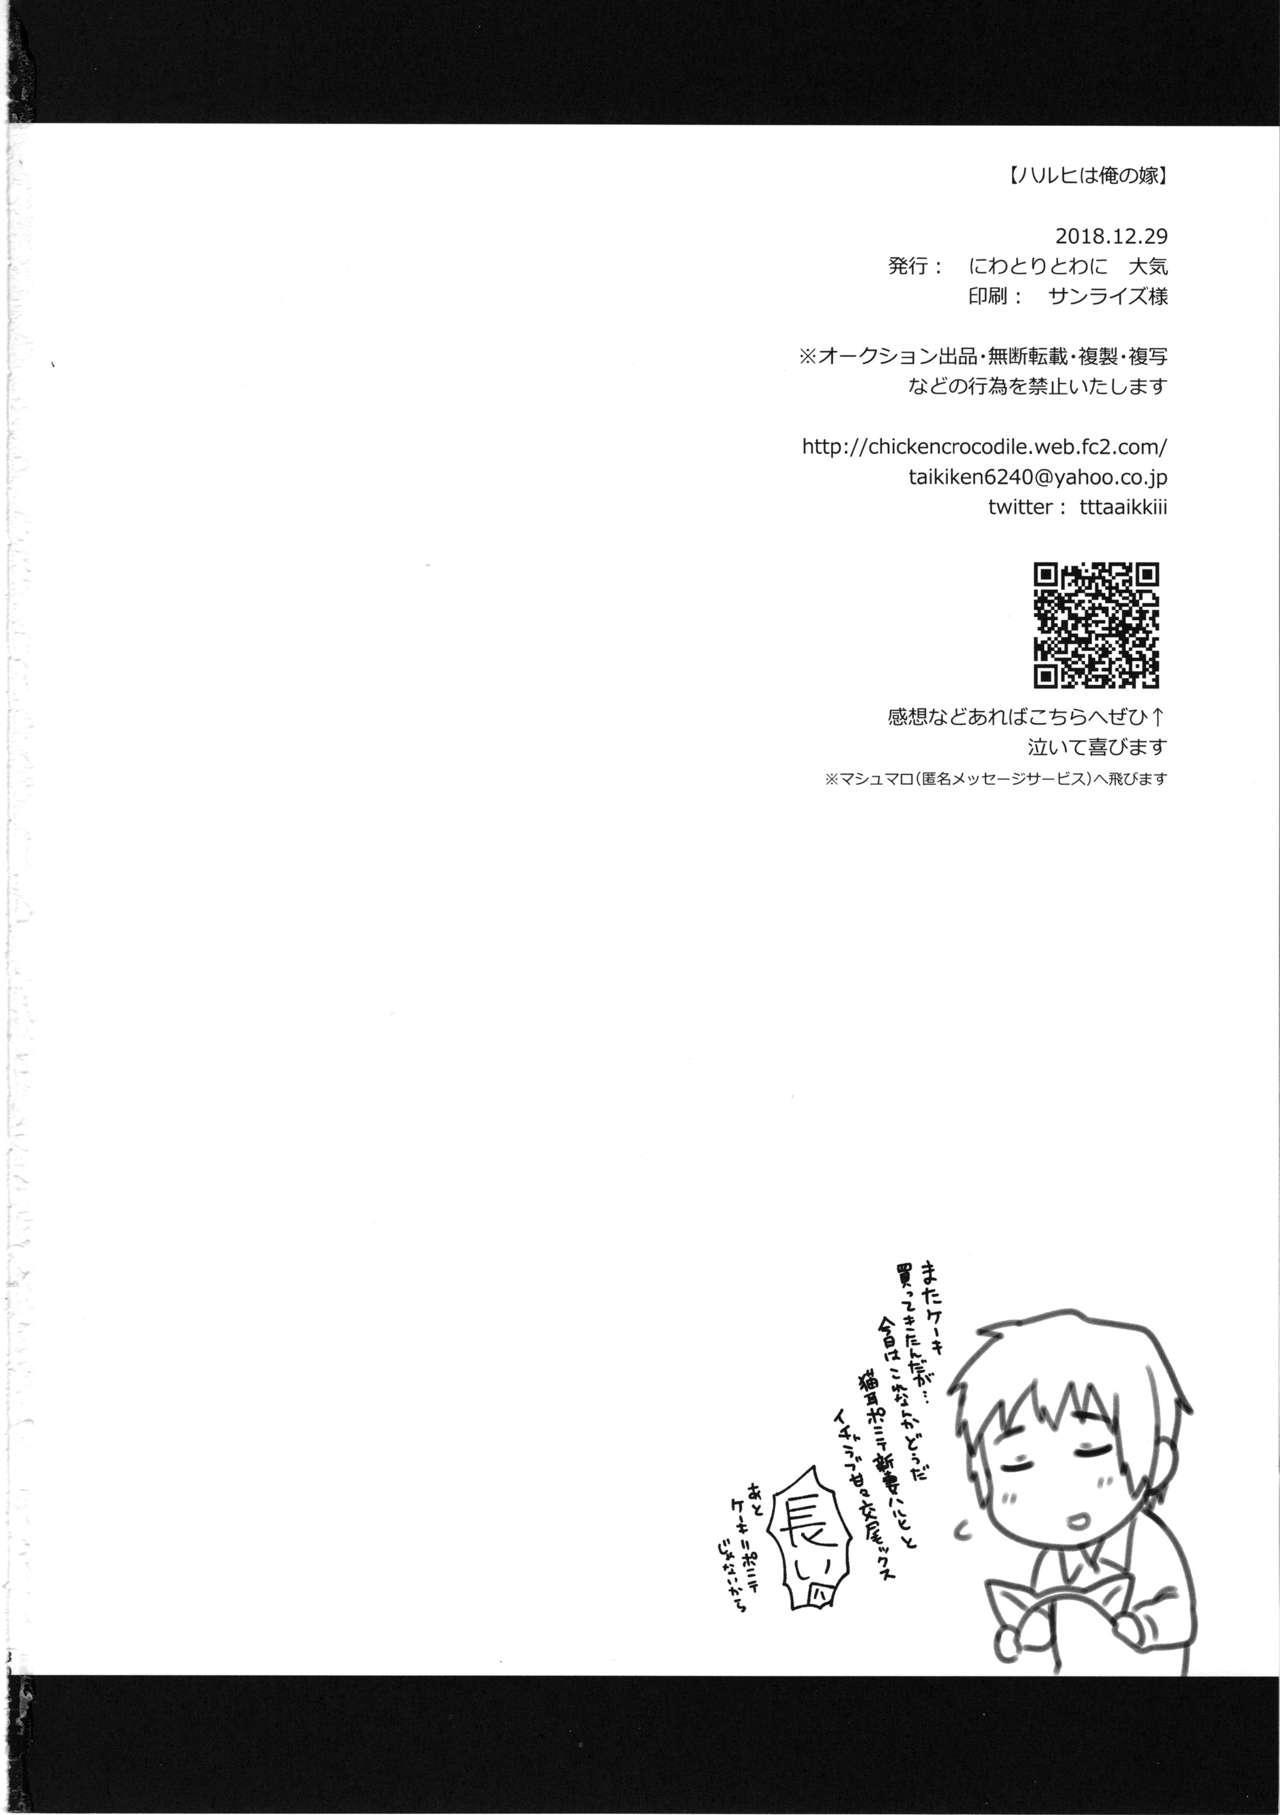 Haruhi wa Ore no Yome 28